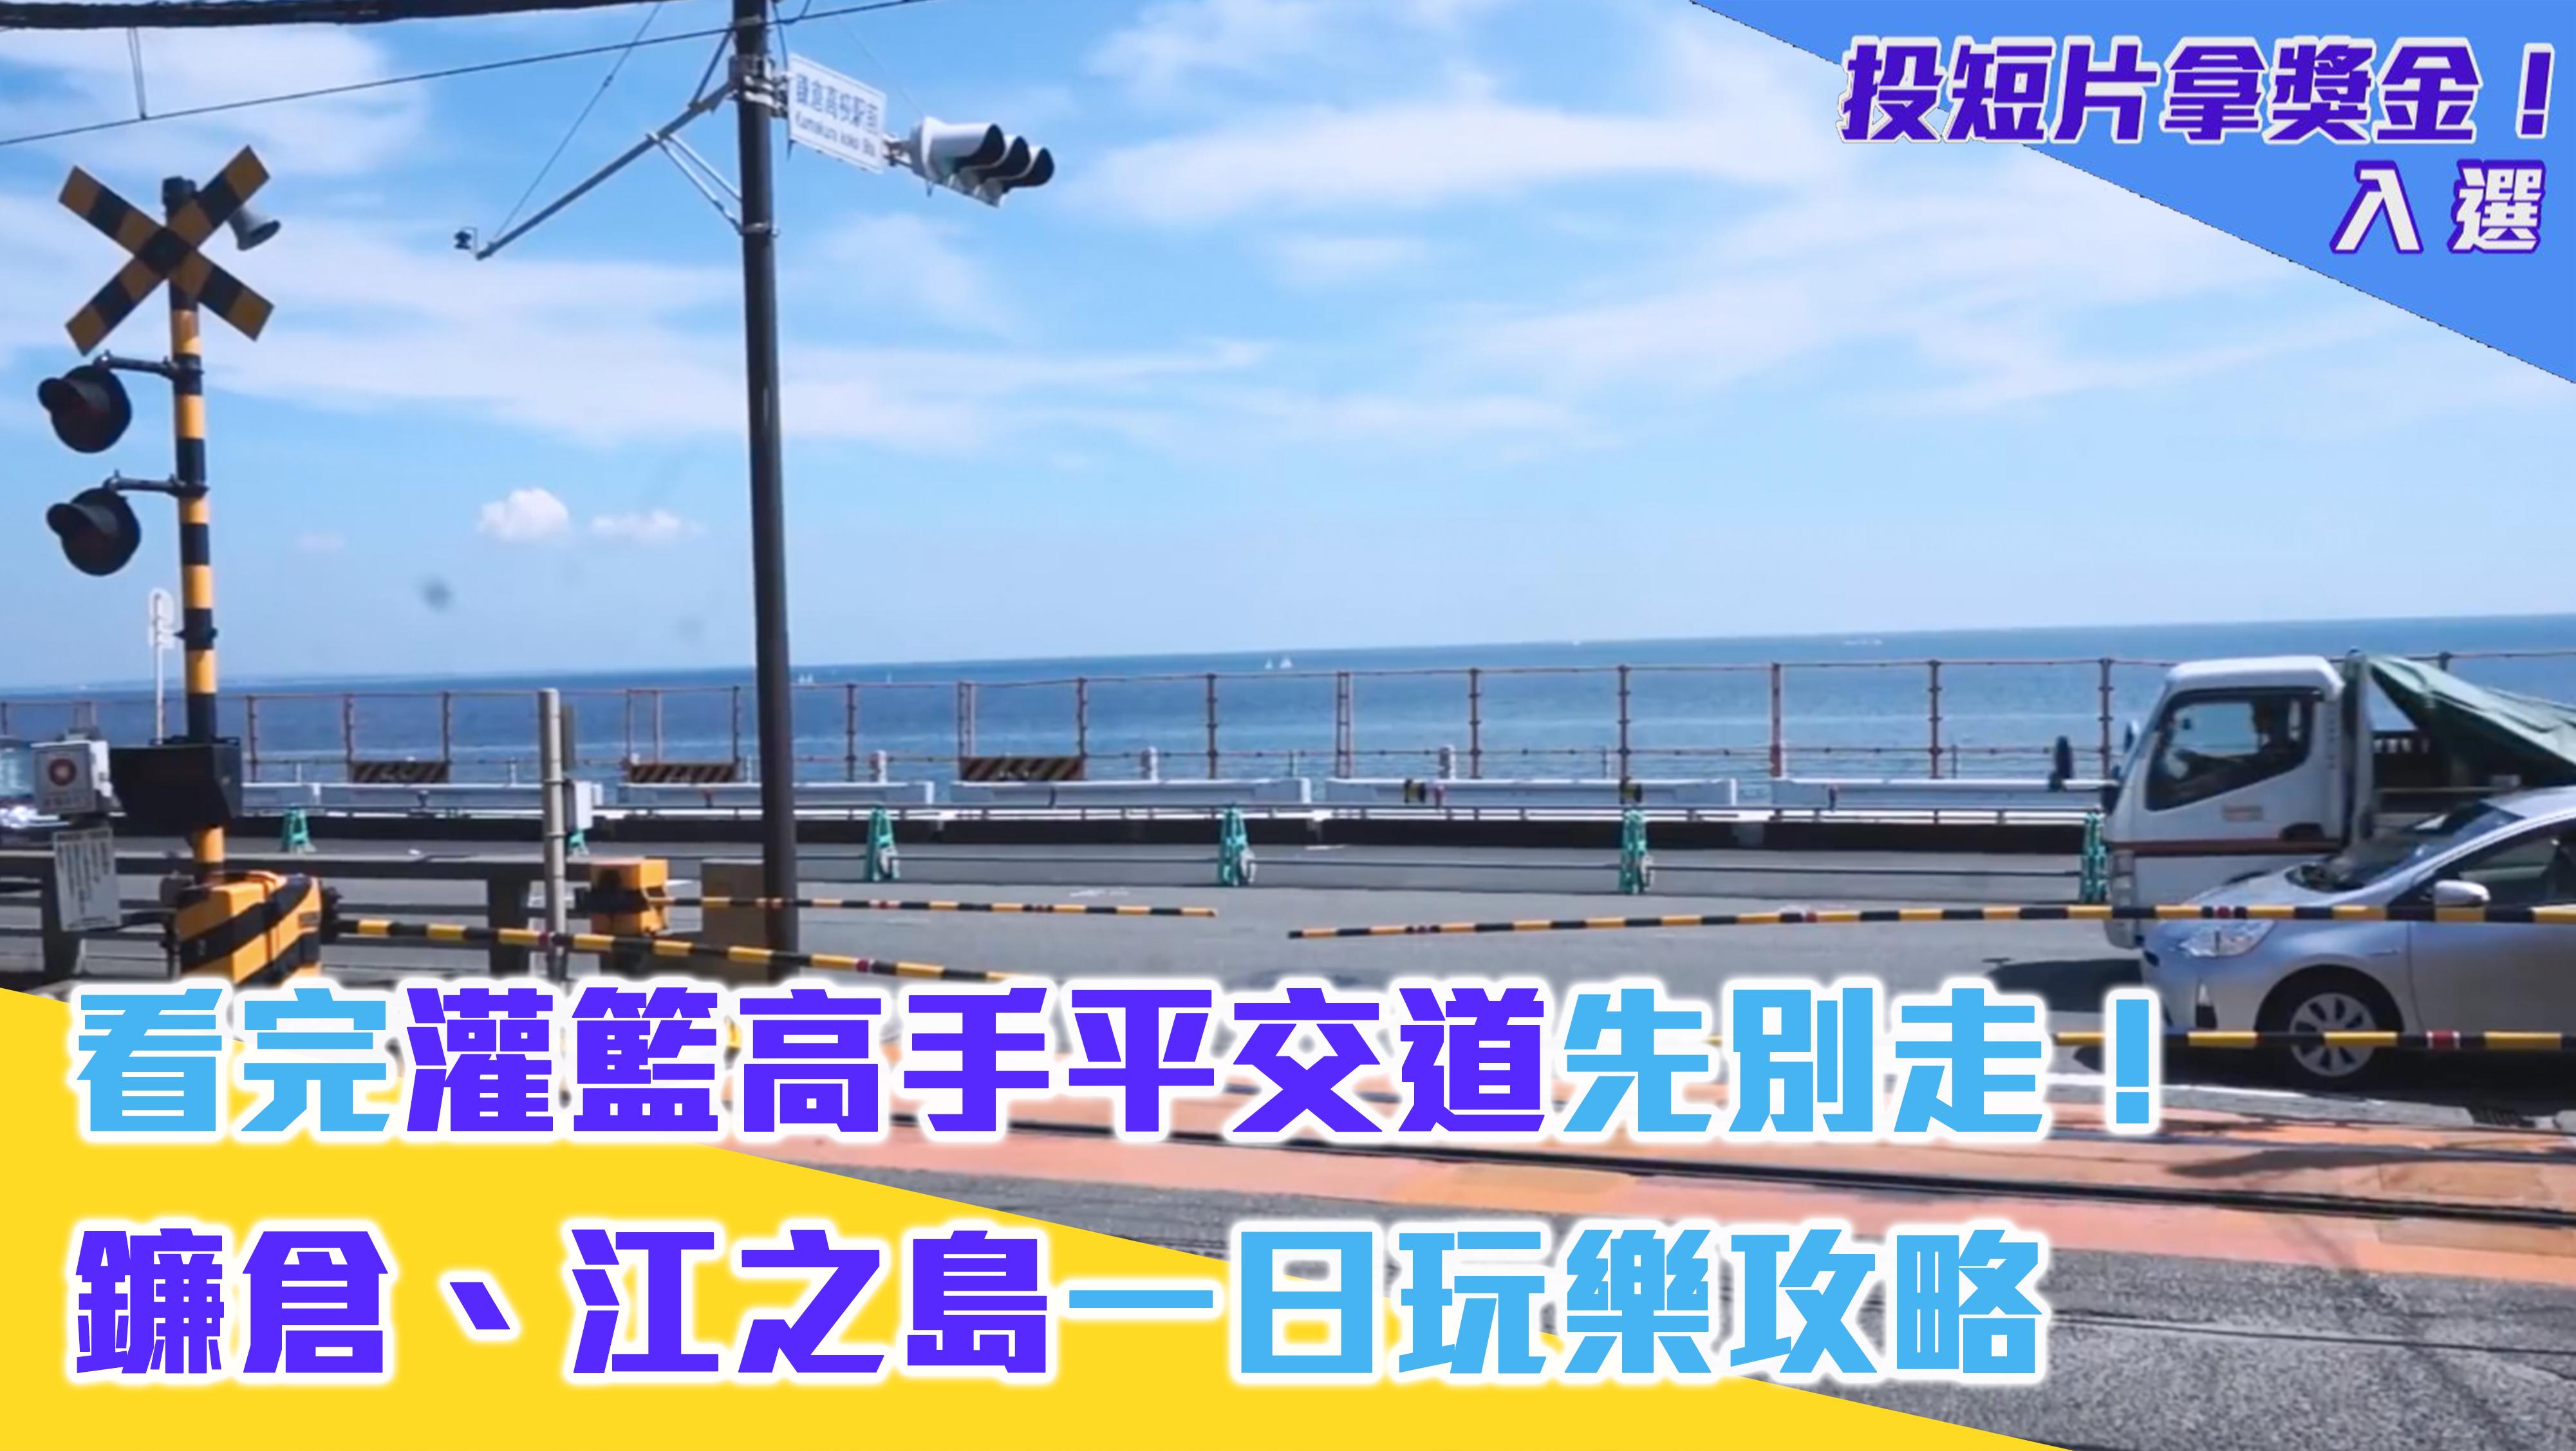 看完灌籃高手平交道先別走! 鐮倉、江之島一日玩樂攻略